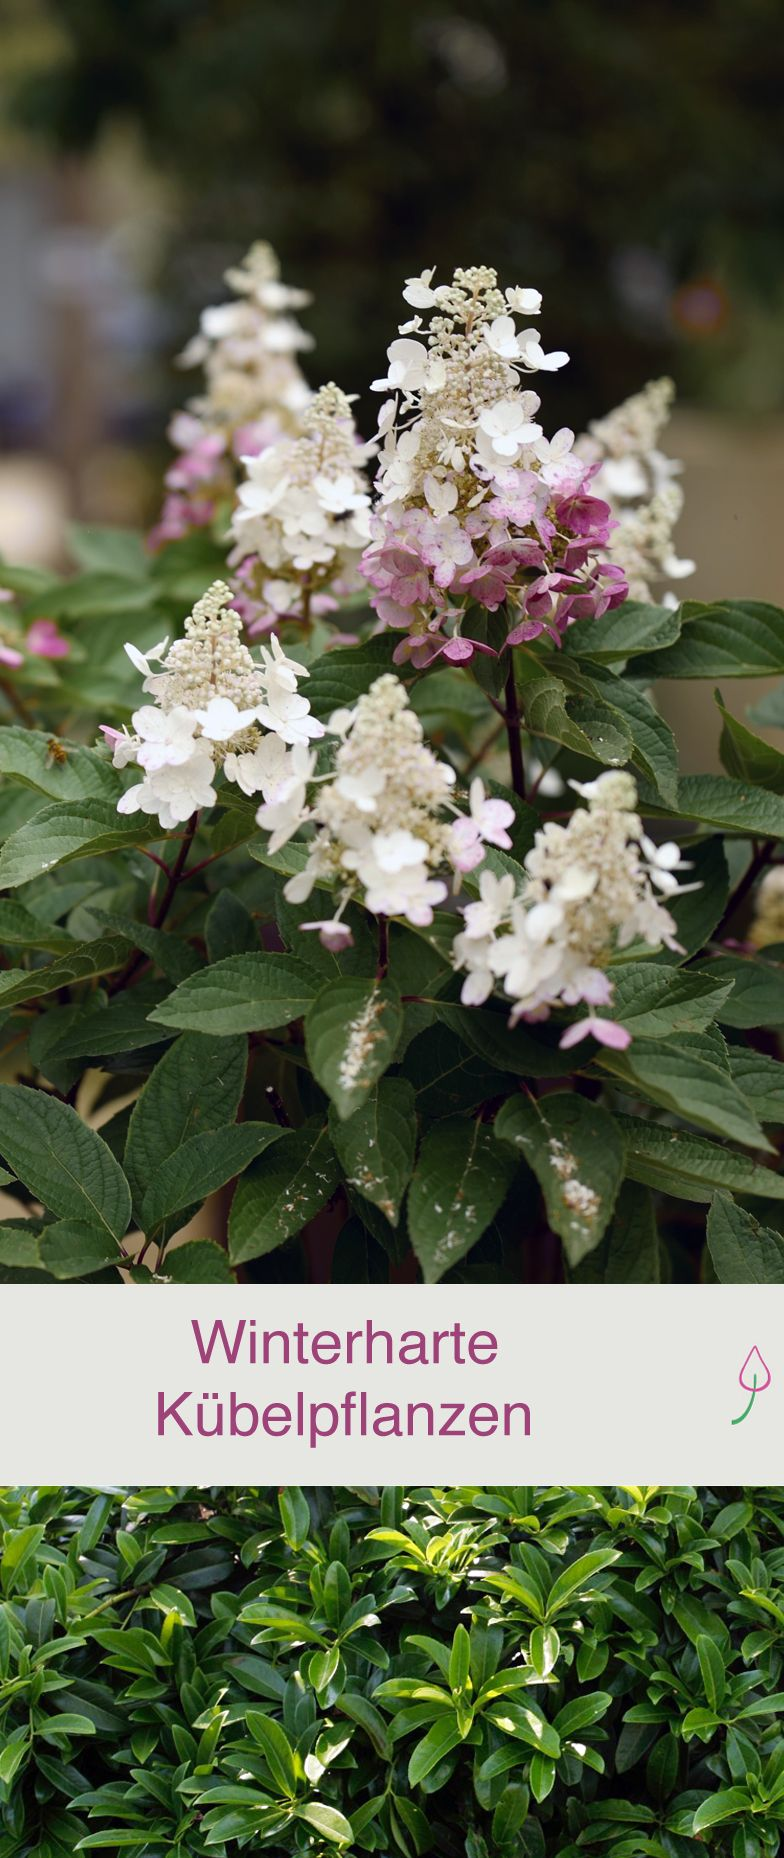 winterharte k belpflanzen fleurs et jardins diy garden. Black Bedroom Furniture Sets. Home Design Ideas